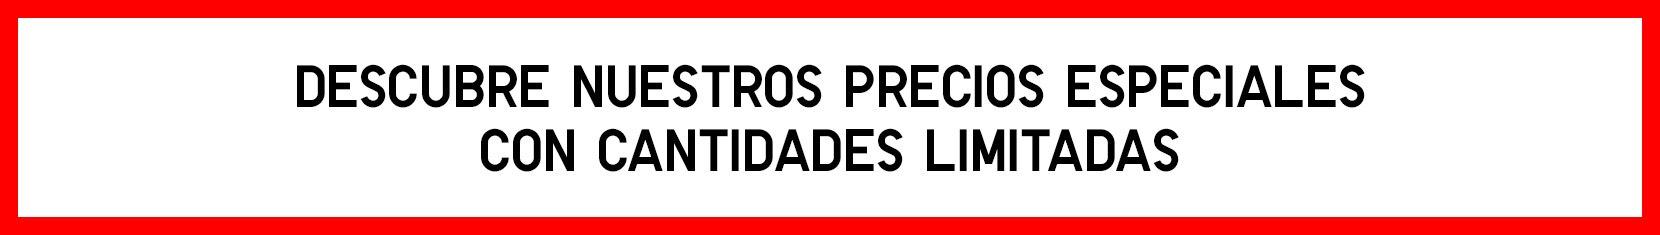 DESCUBRE NUESTROS PRECIOS ESPECIALES CON CANTIDADES LIMITADAS